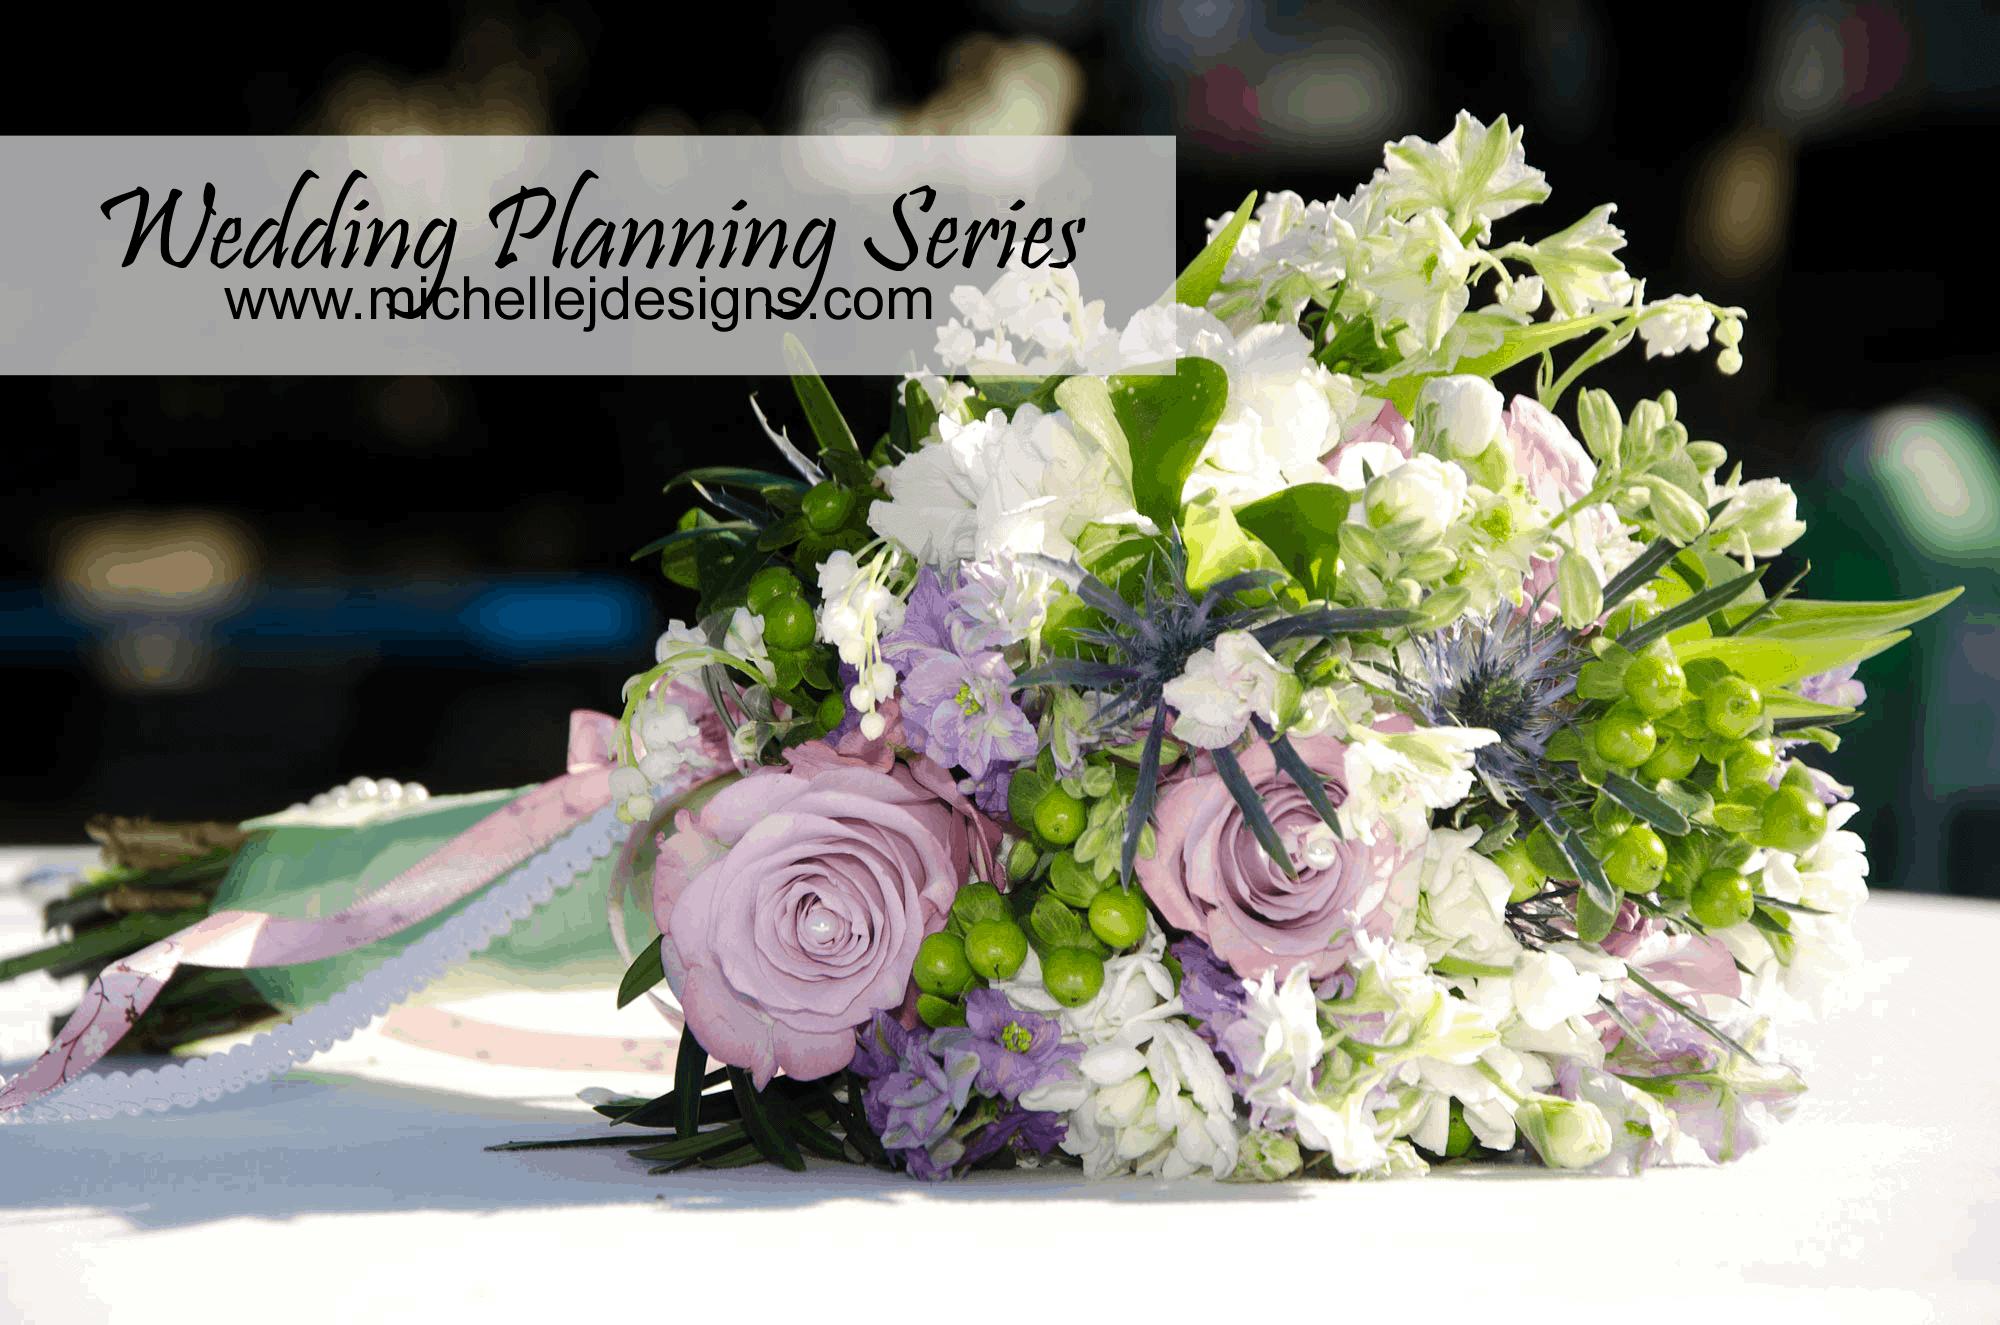 Wedding Budgets  - Wedding Planning Series Part 2 - www.michellejdesigns.com